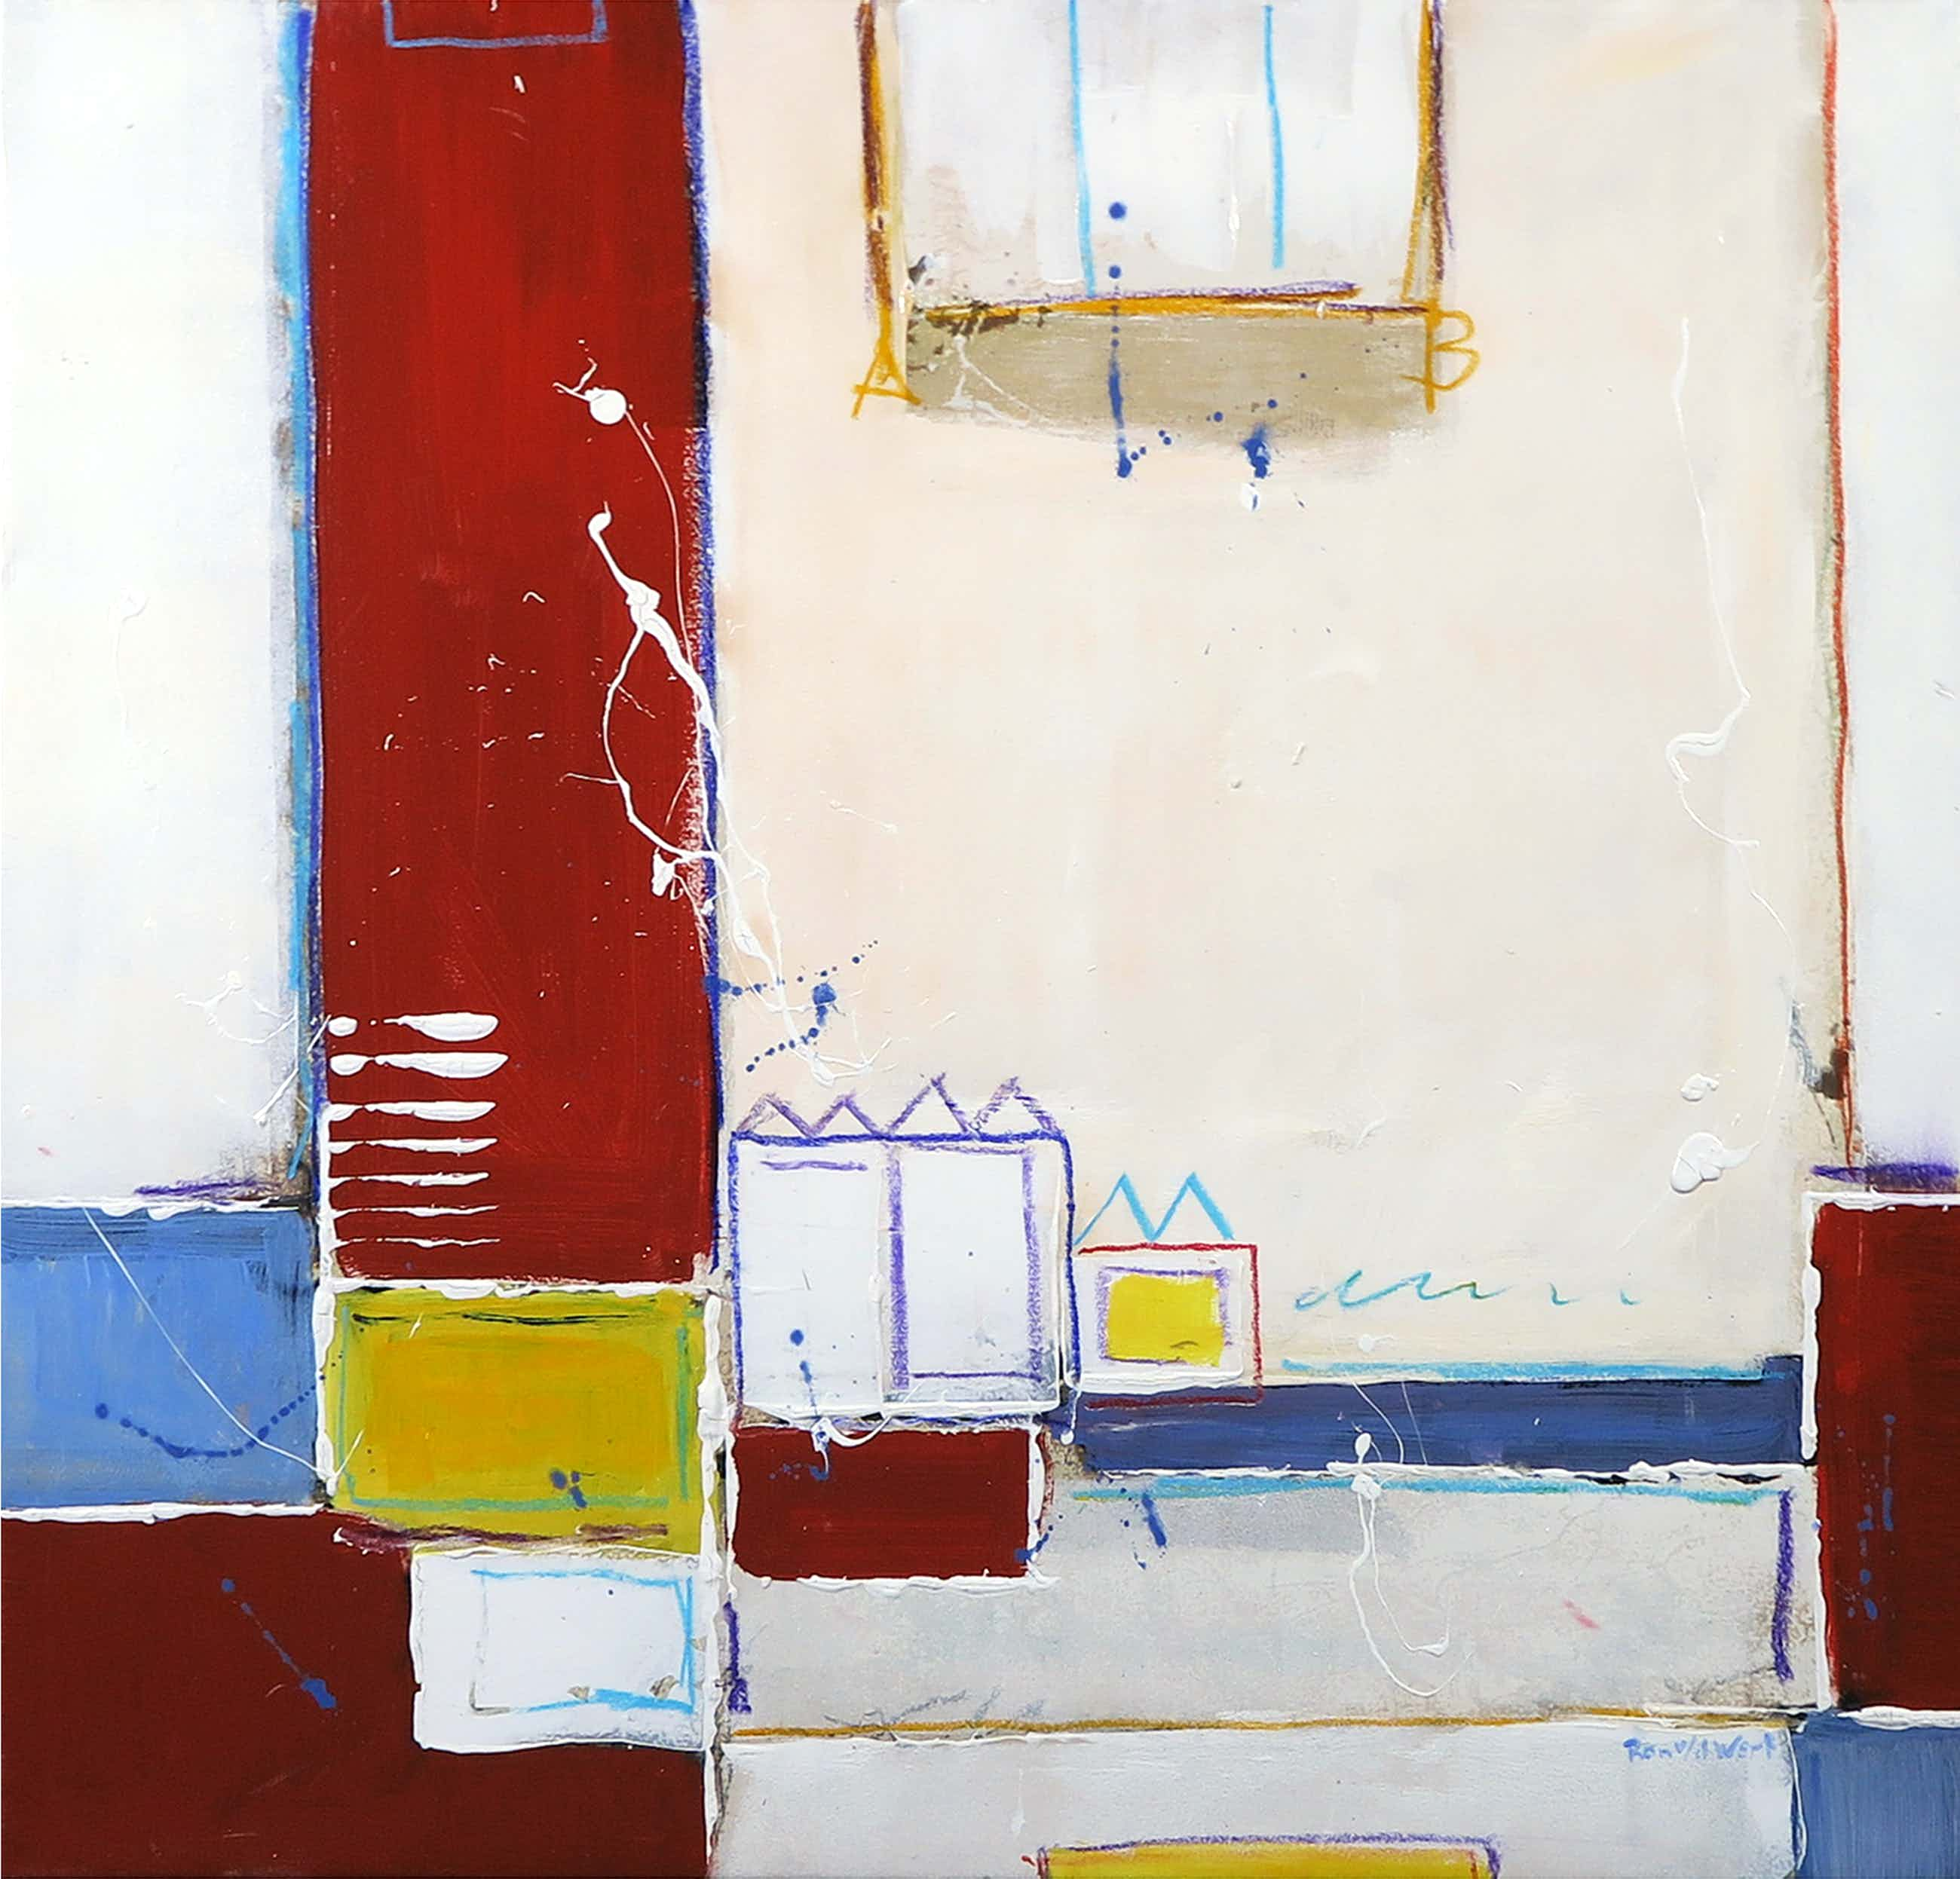 Ron van der Werf - Handbewerkte zeefdruk gelijmd op kunststof op doek, City (met ophangsysteem) kopen? Bied vanaf 35!